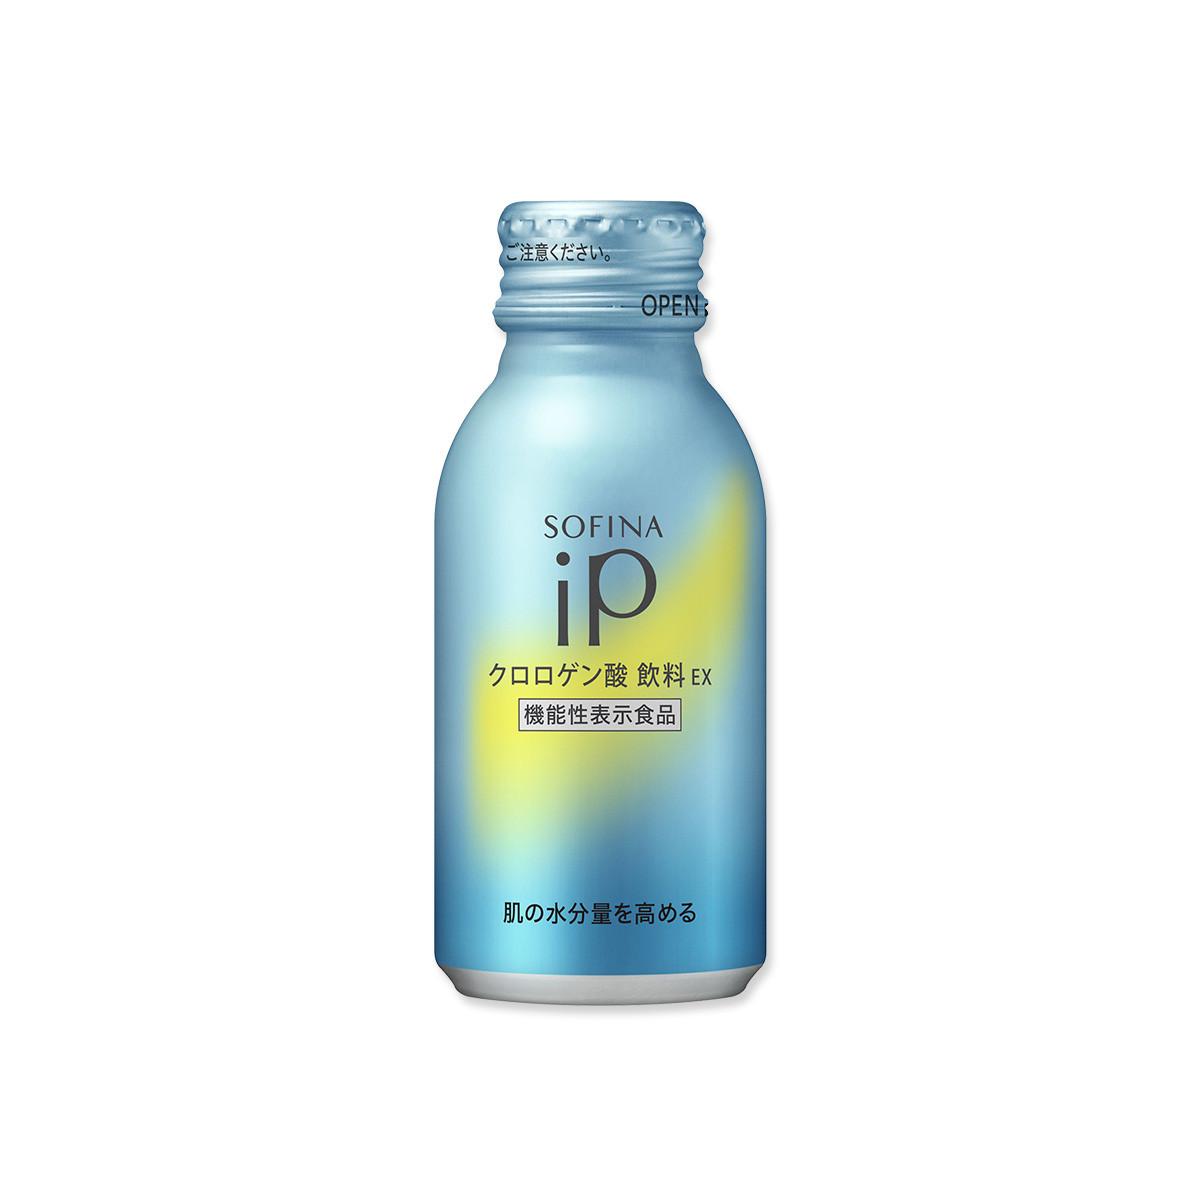 SOFINA/ソフィーナ  肌の水分量を高めて乾燥を緩和! 飲むうるおいケア、はじめませんか